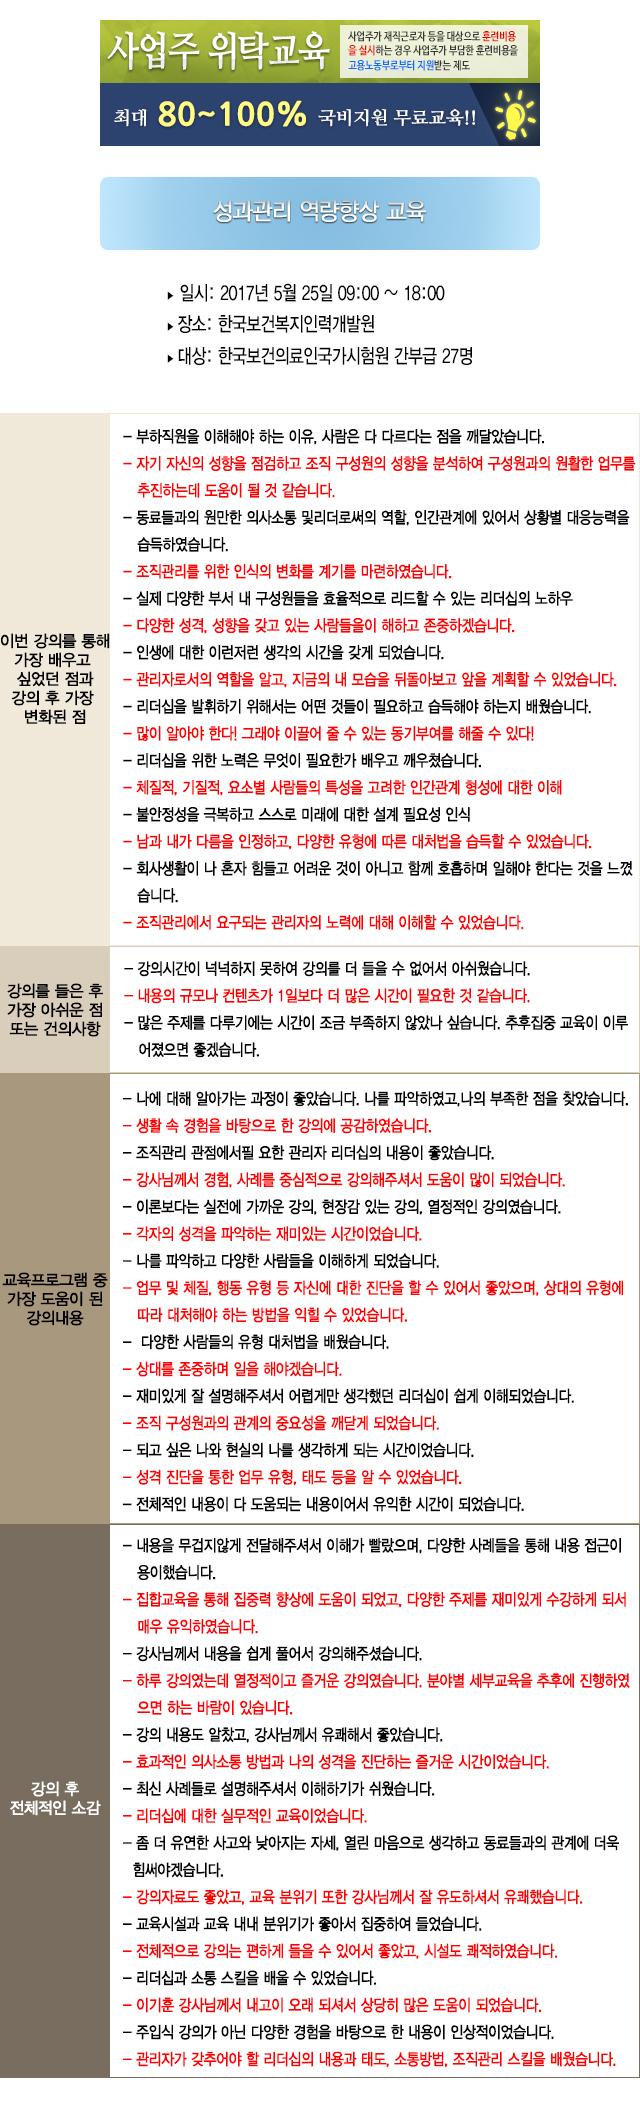 한국중앙인재개발원 후기 한국보건의료인국가시험원.jpg